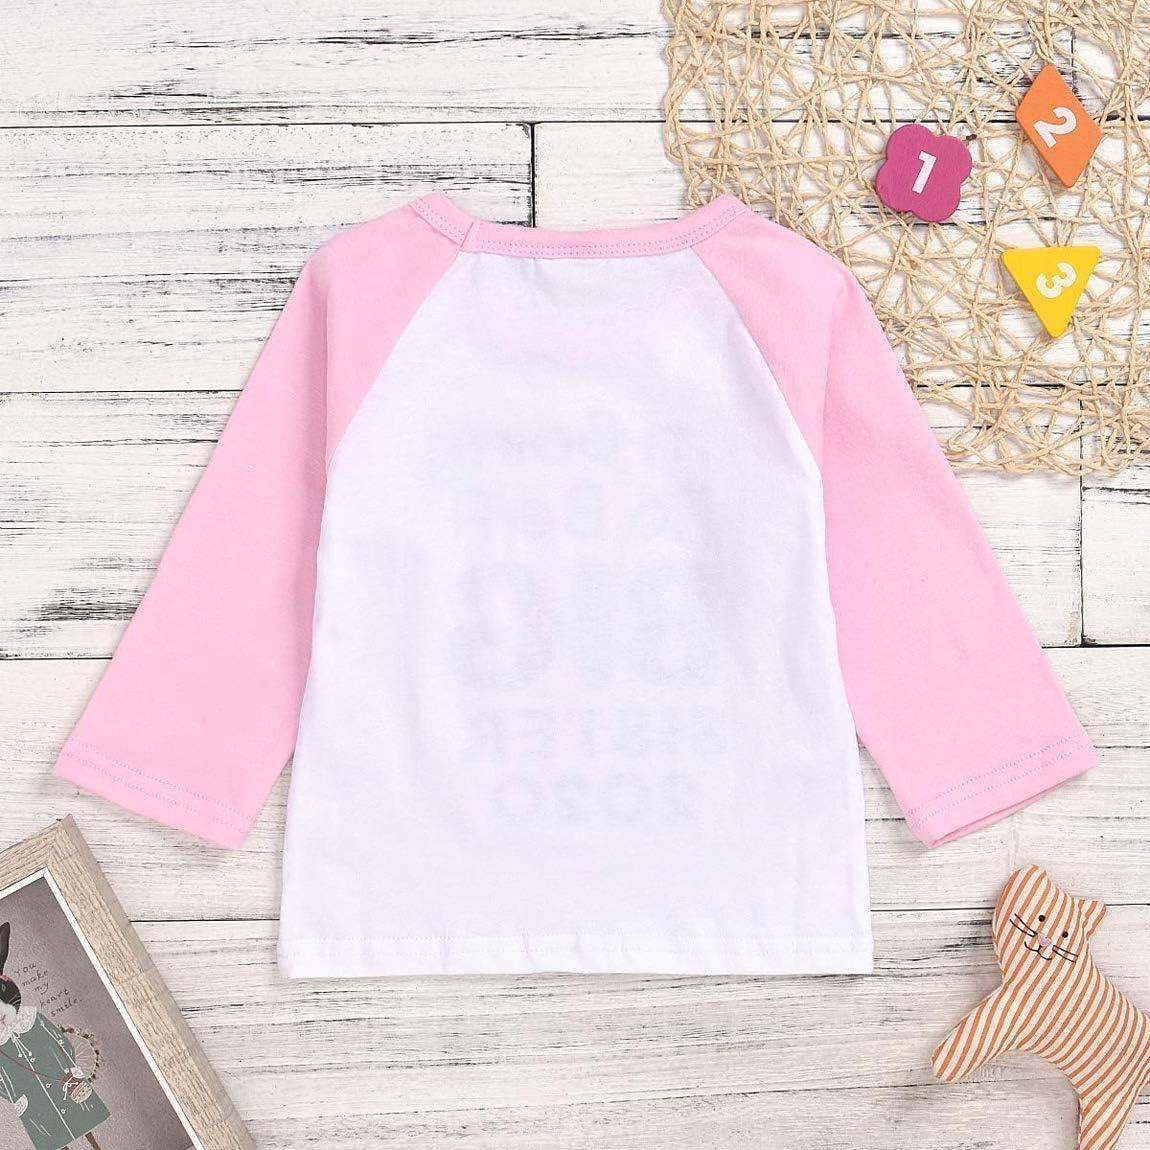 LIKEVER T-Shirt /à Manches Longues pour b/éb/é Motif 2020 I am Going to Be A Big Sister//Big Brother